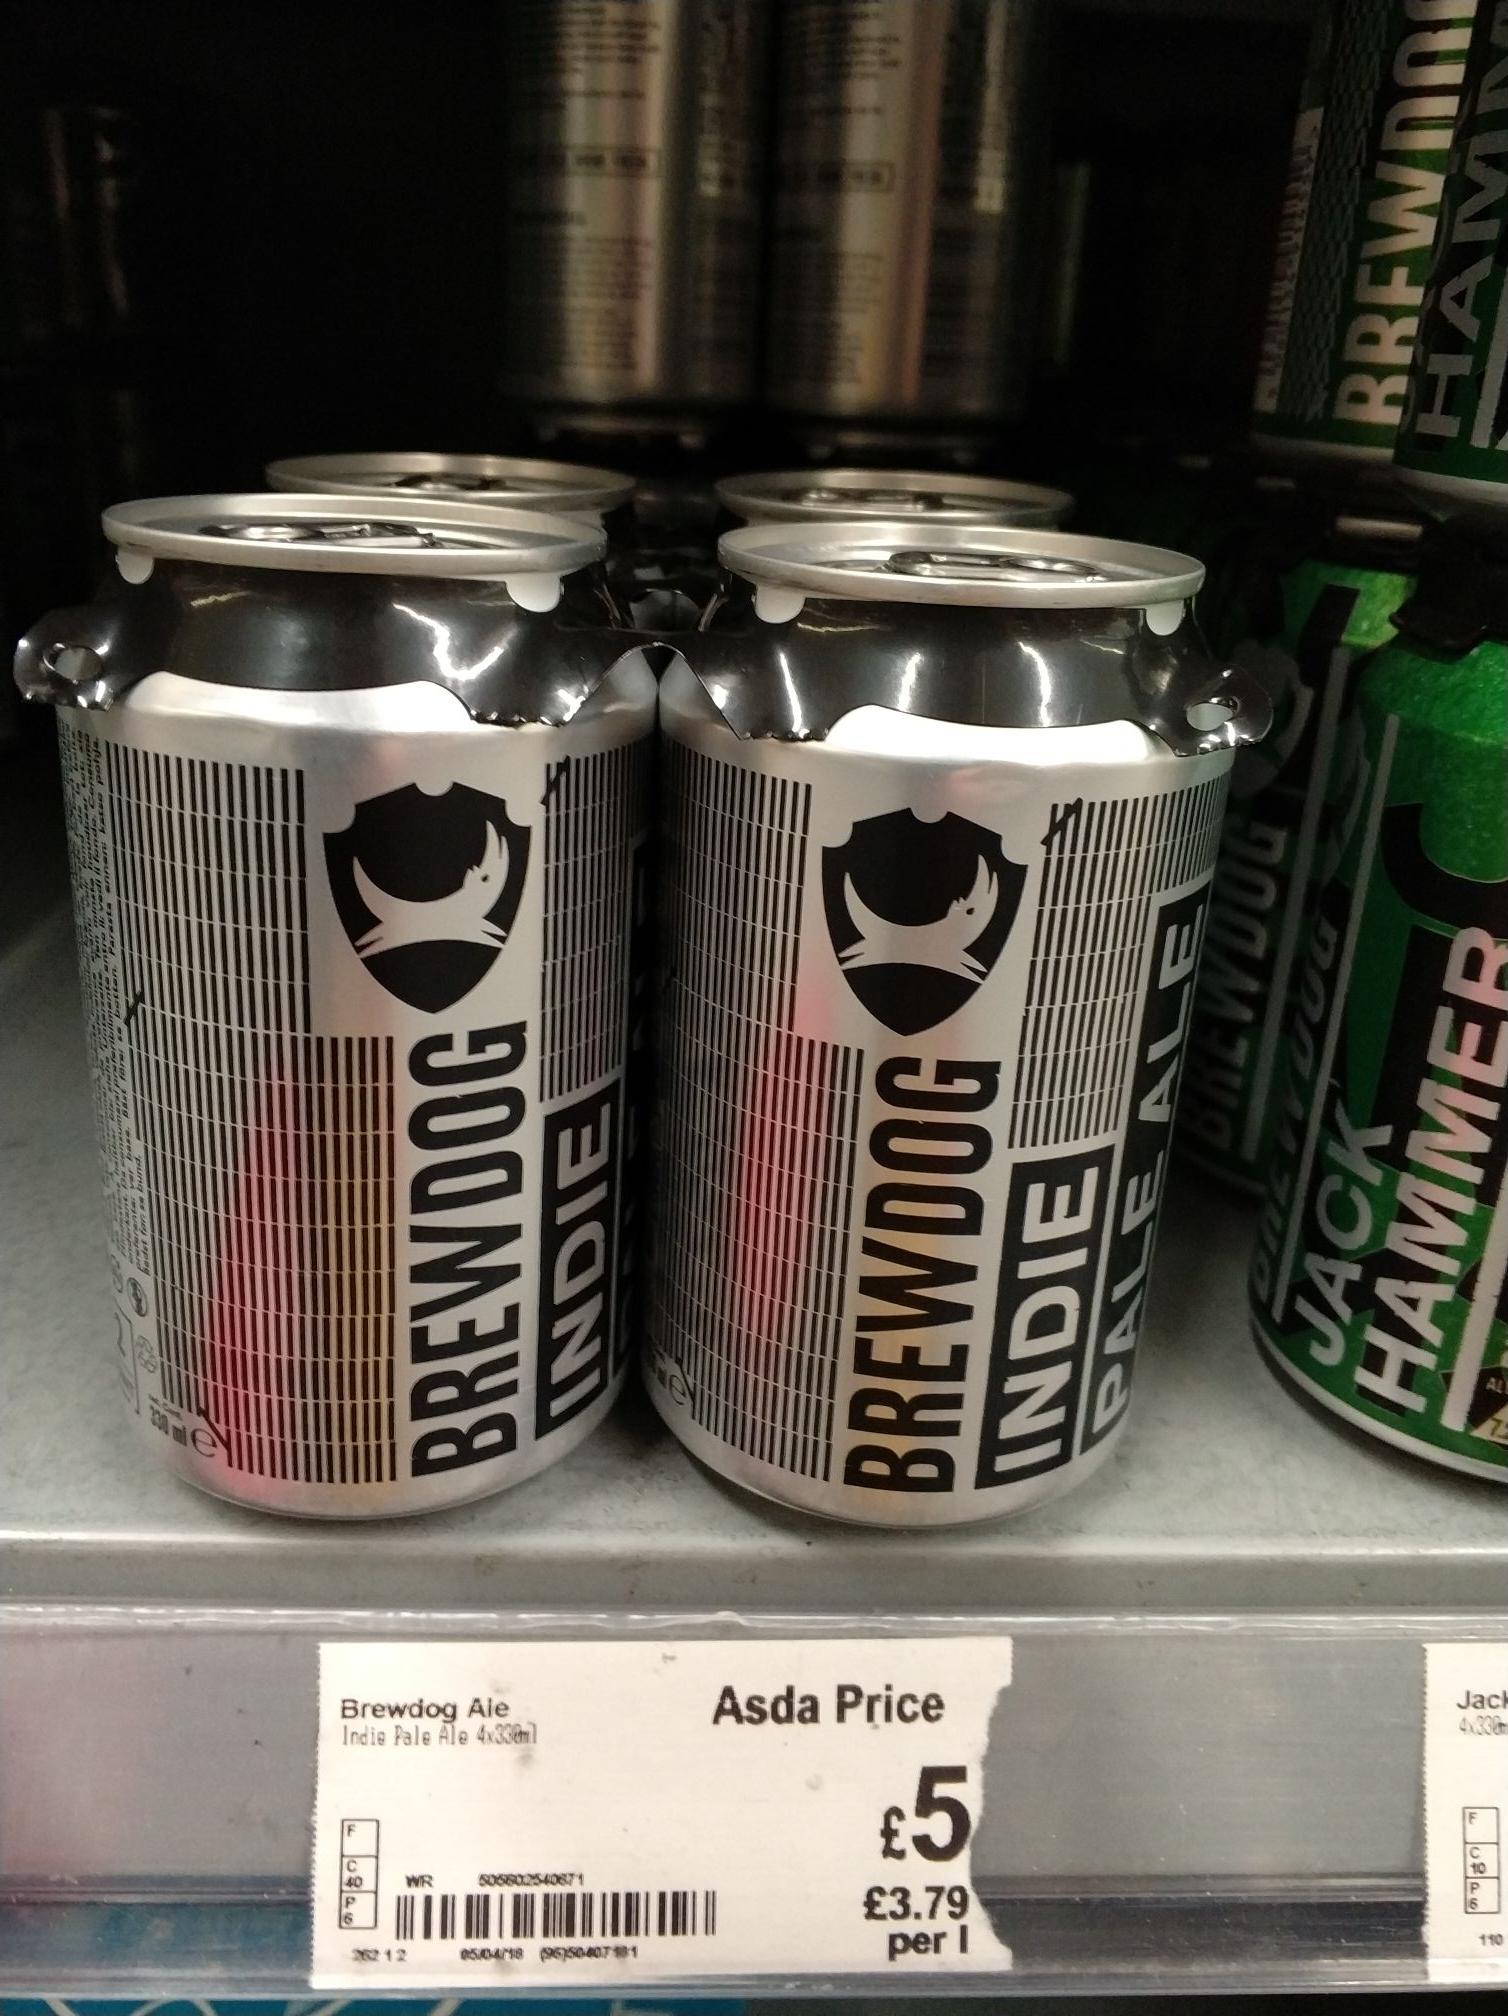 Brewdog Indie Pale Ale - £5 - Asda in store